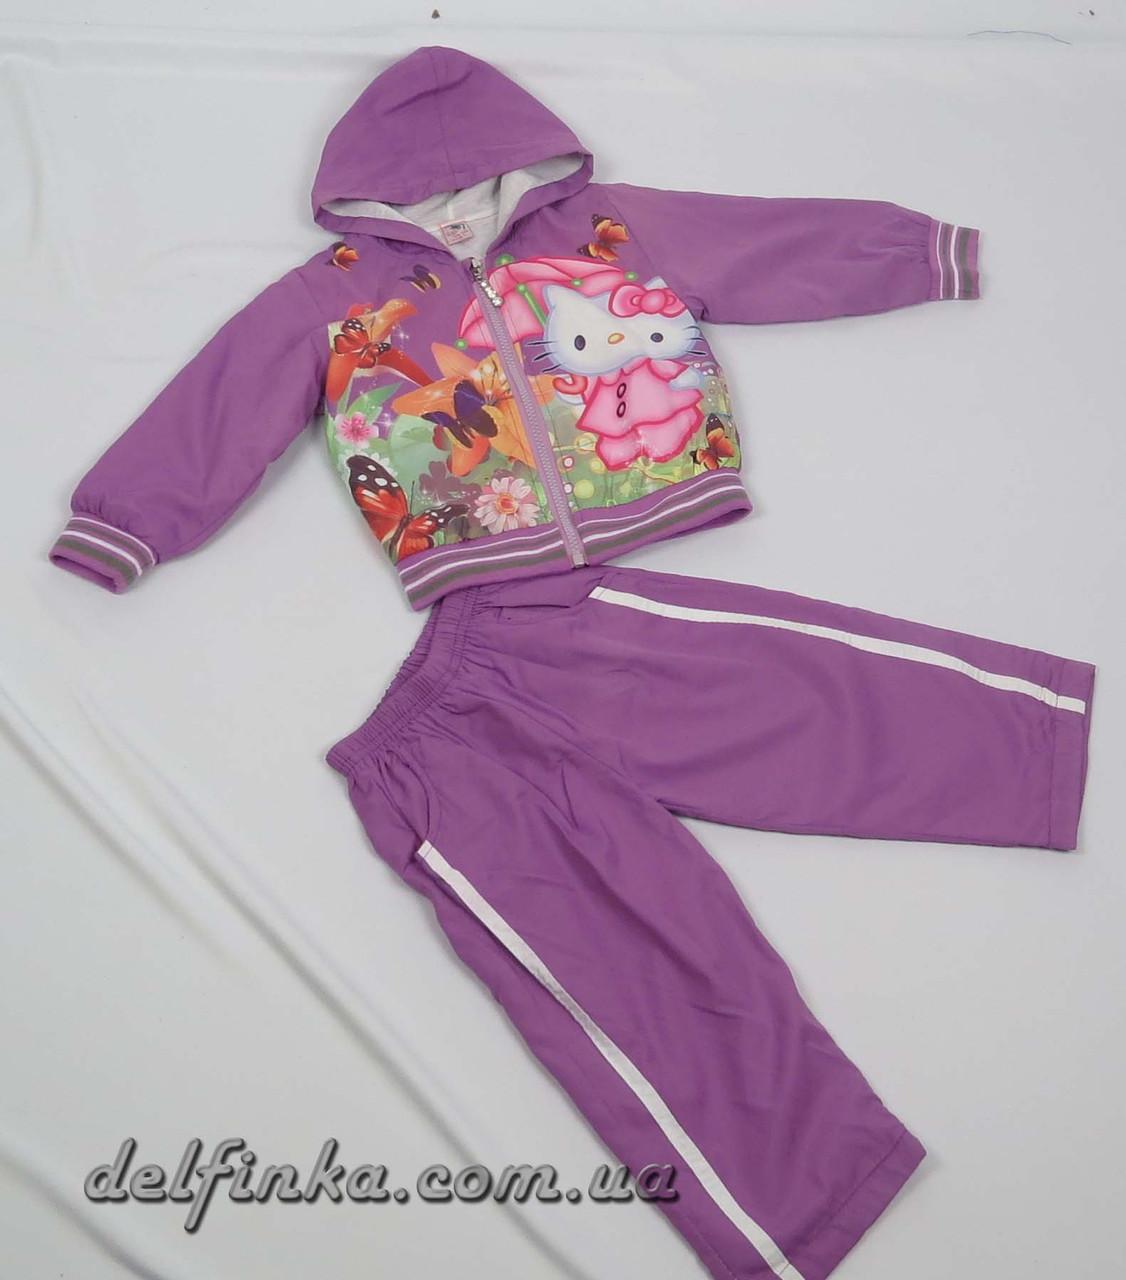 Костюм для девочки с 1 года до 3 лет, цвет: фиолетовый, фото 1